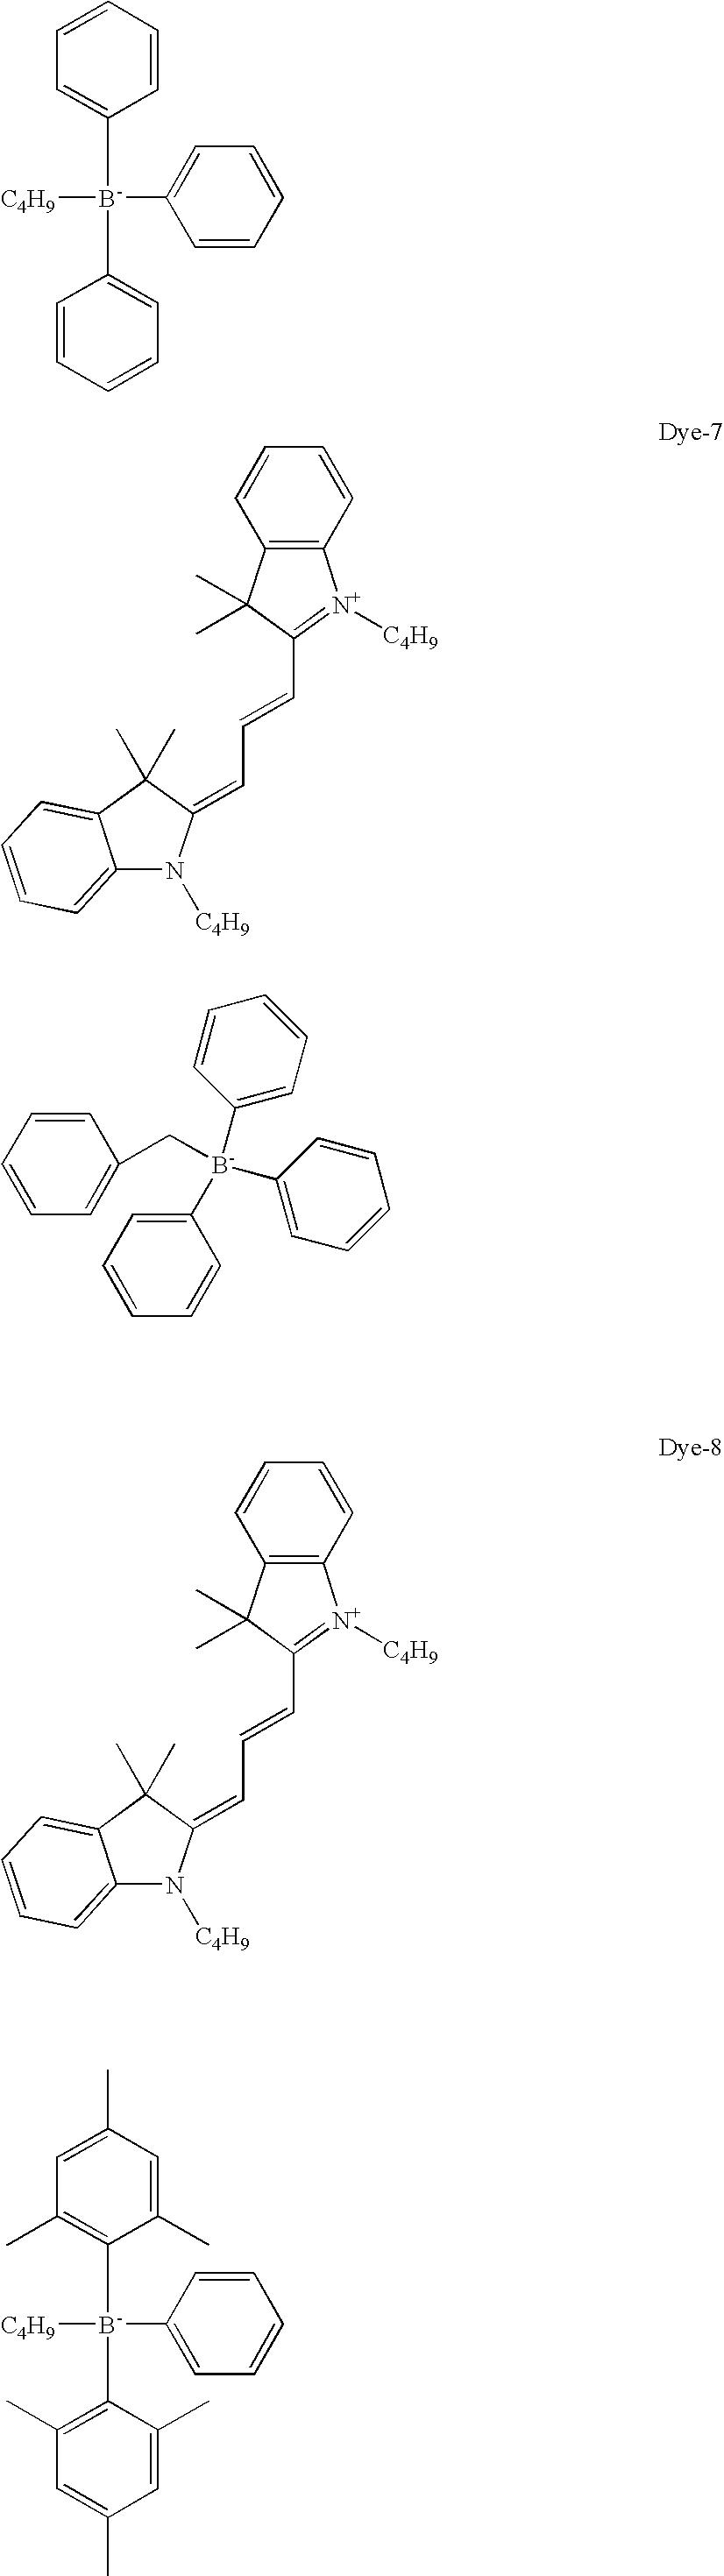 Figure US20050164116A1-20050728-C00003